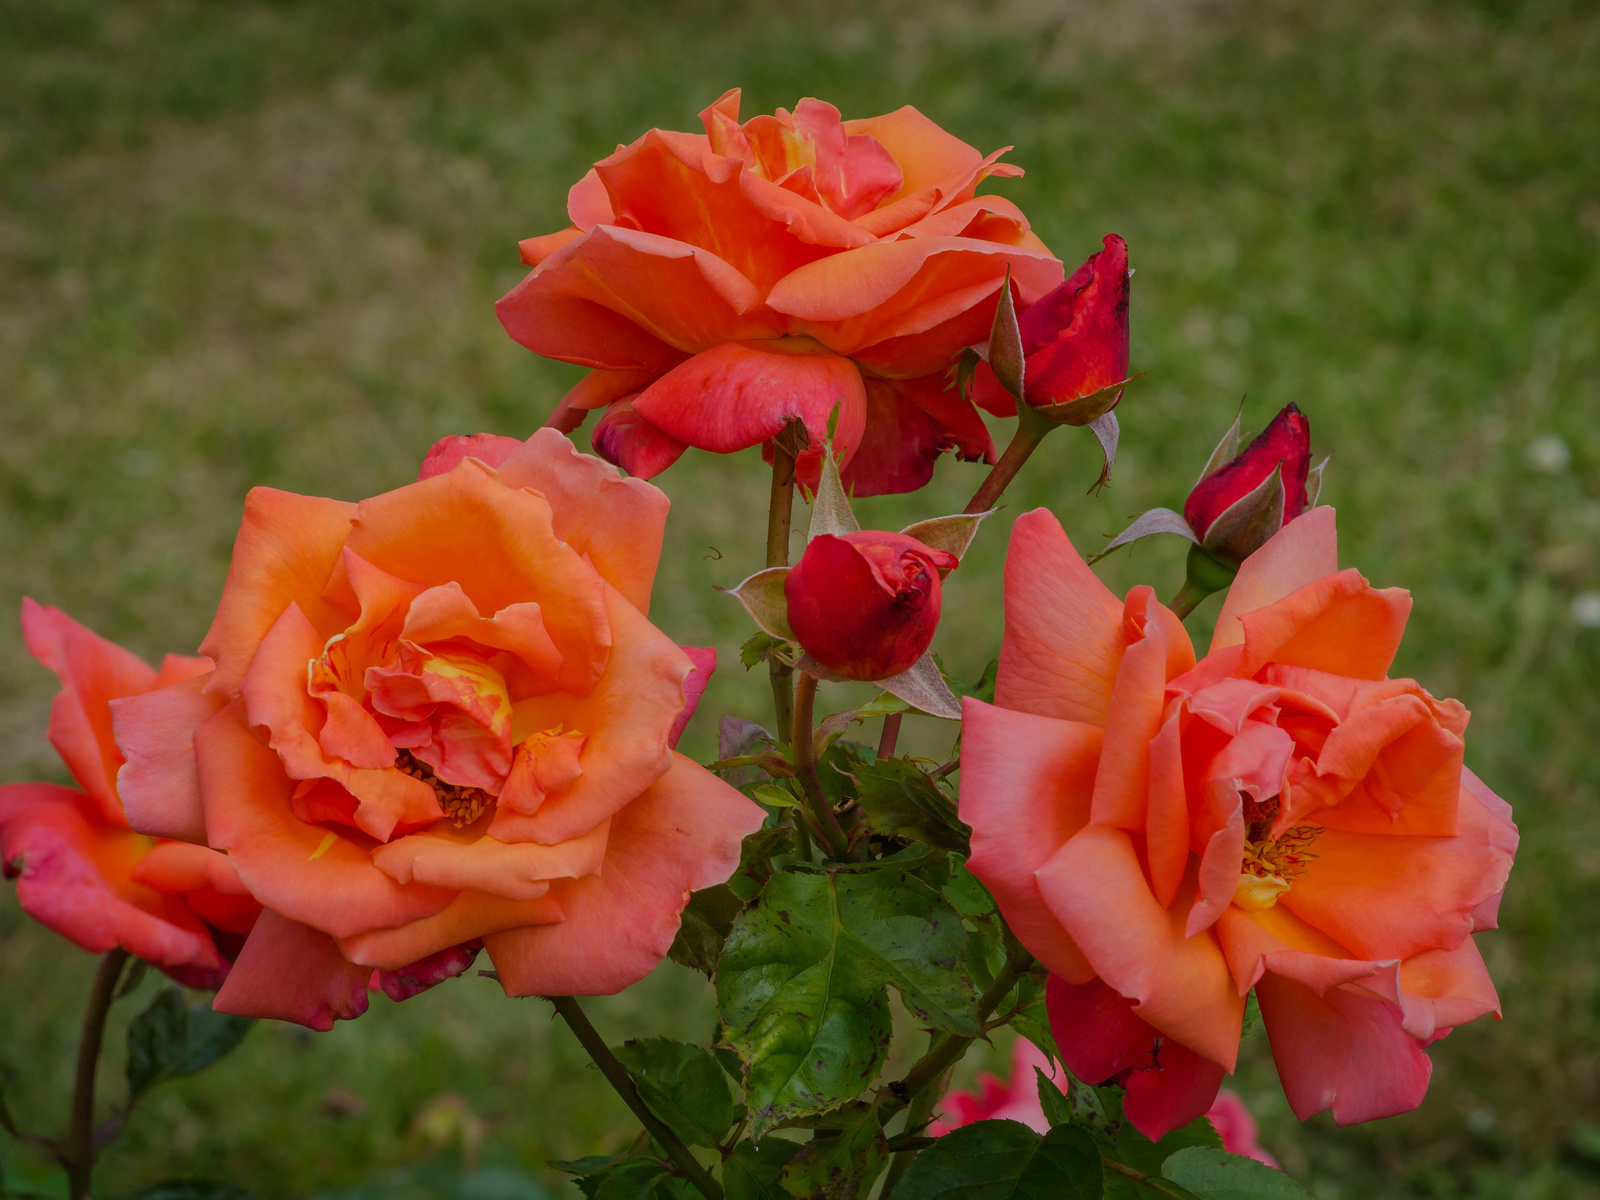 зелень, листья, крупный план, куст, розы, бутоны, боке